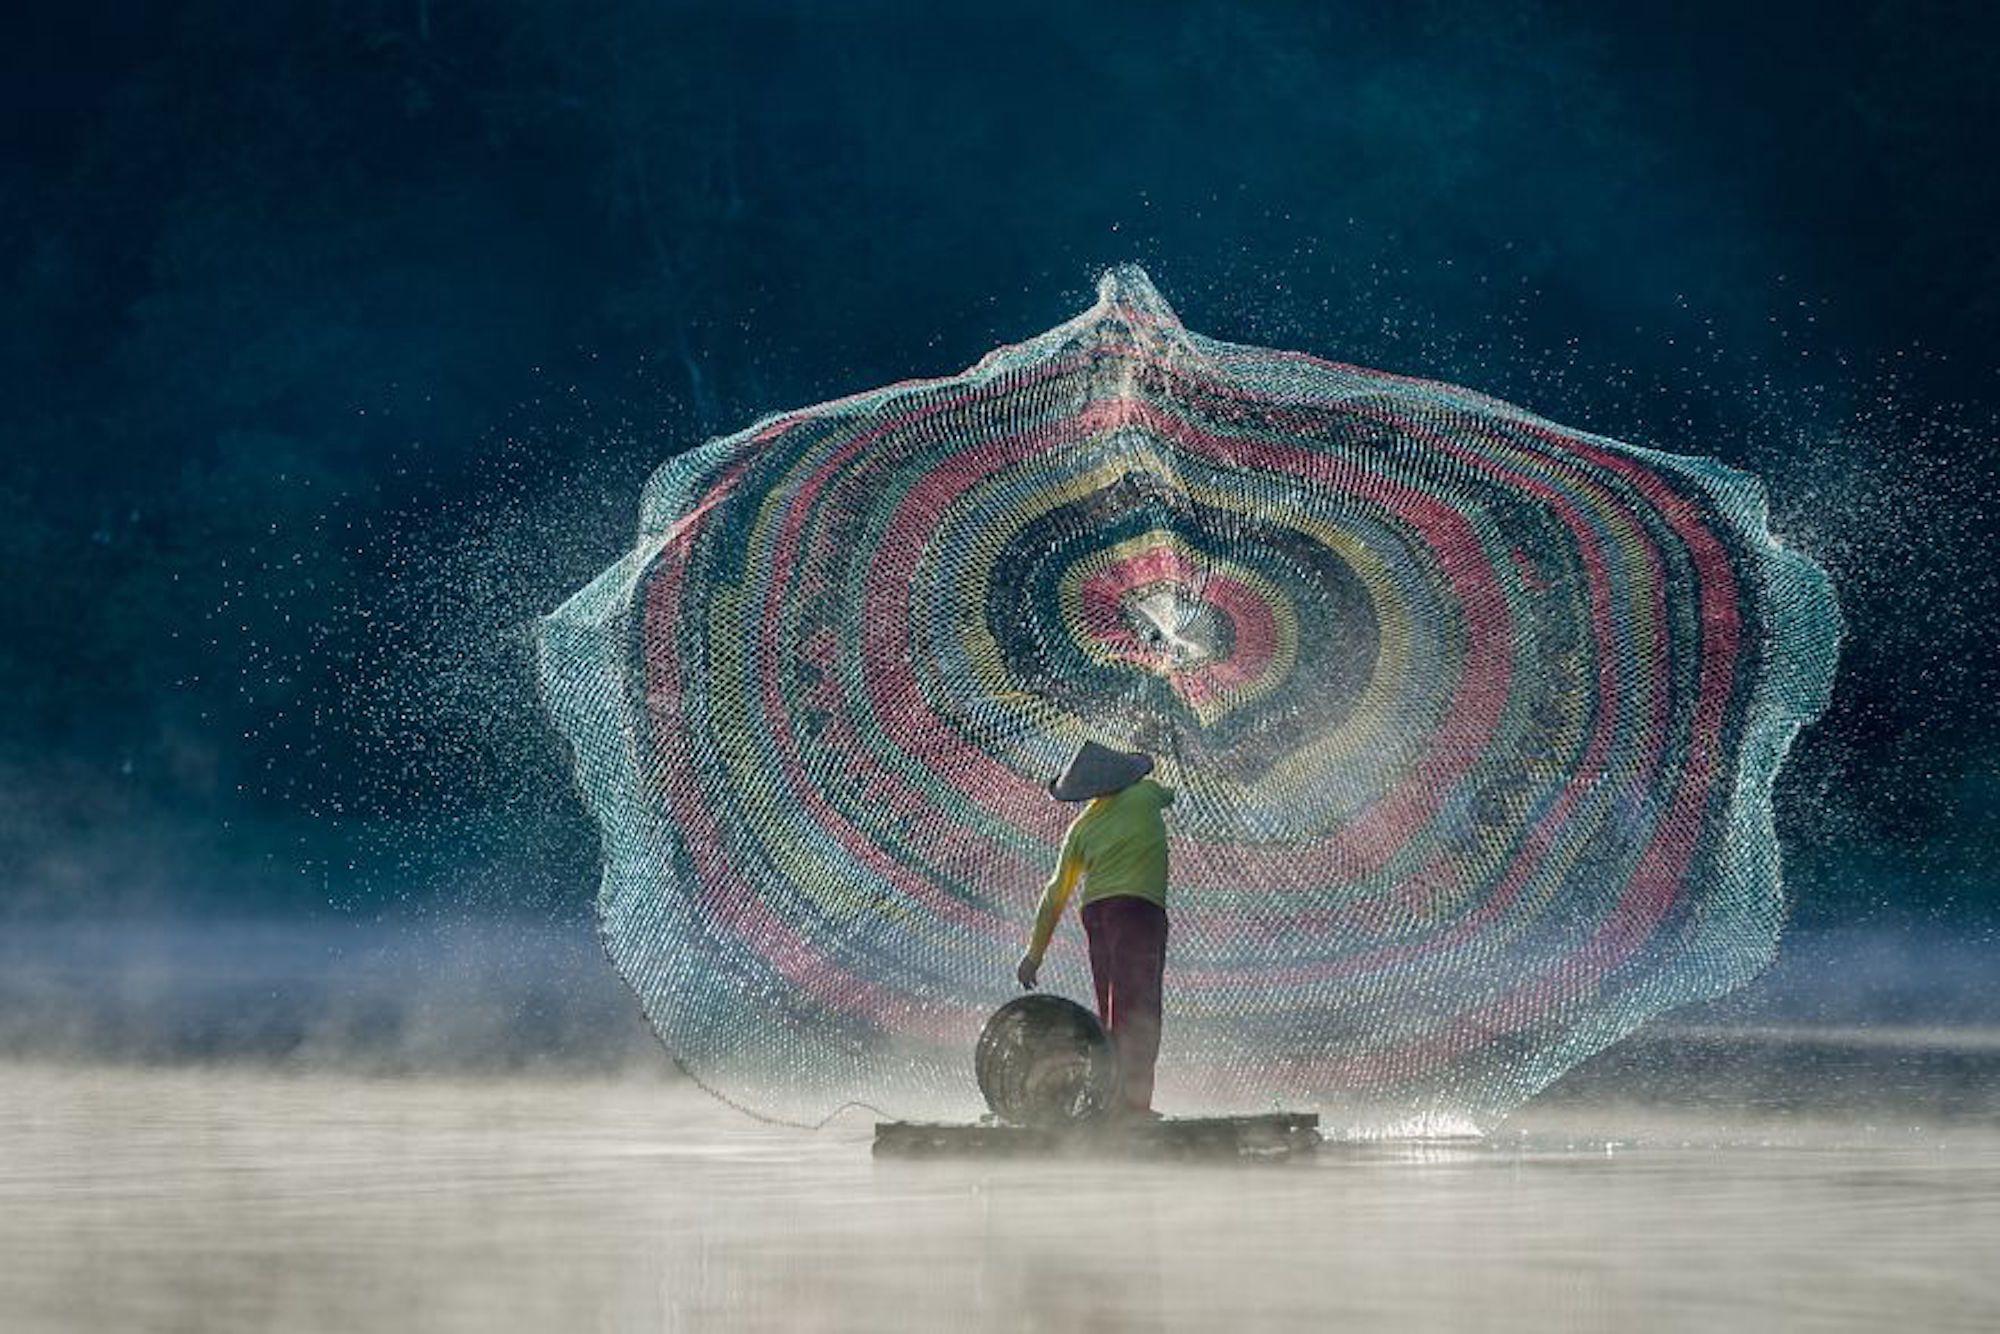 Pescador em ação no lago Situ Patenggang, na Indonésia